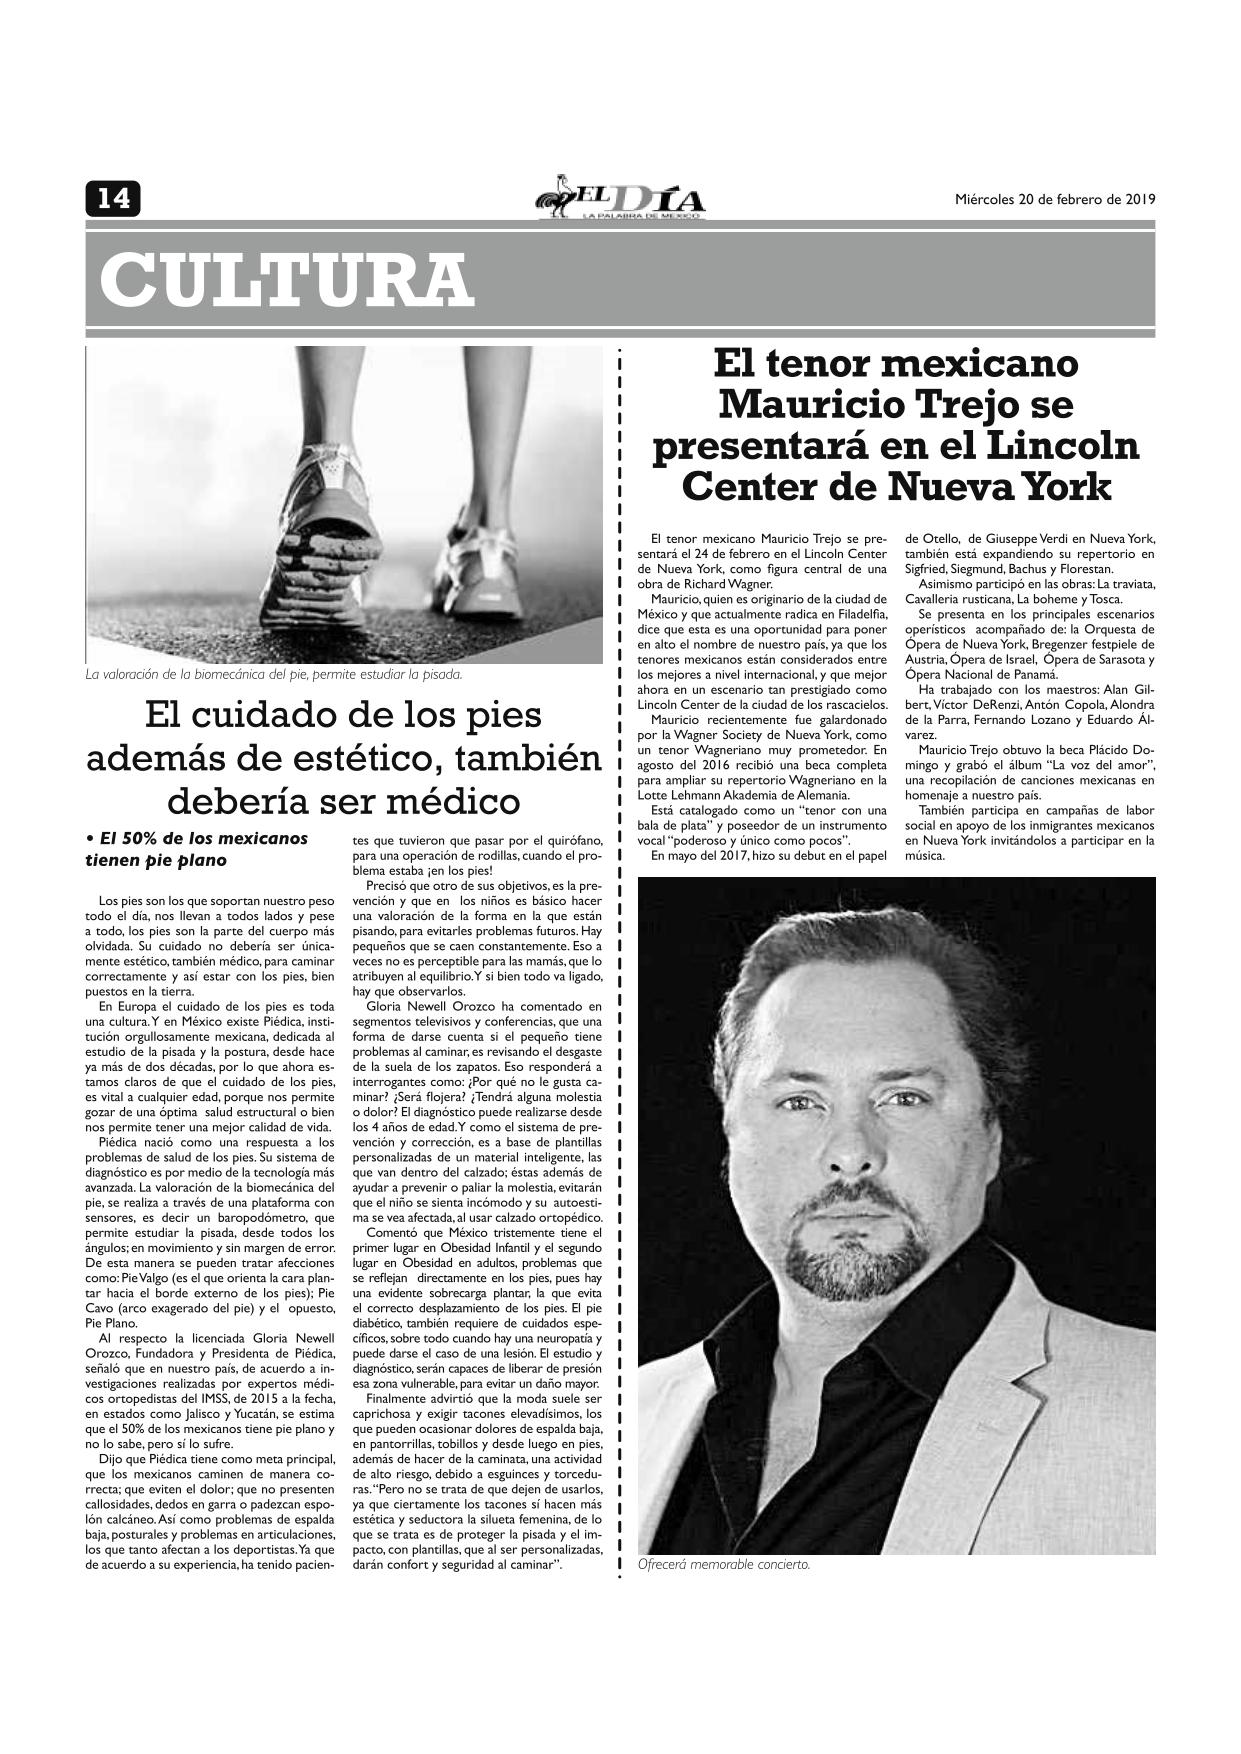 Cuidado de los pies - Periodico el día 20 de febrero 2019-1_pages-to-jpg-0001.jpg